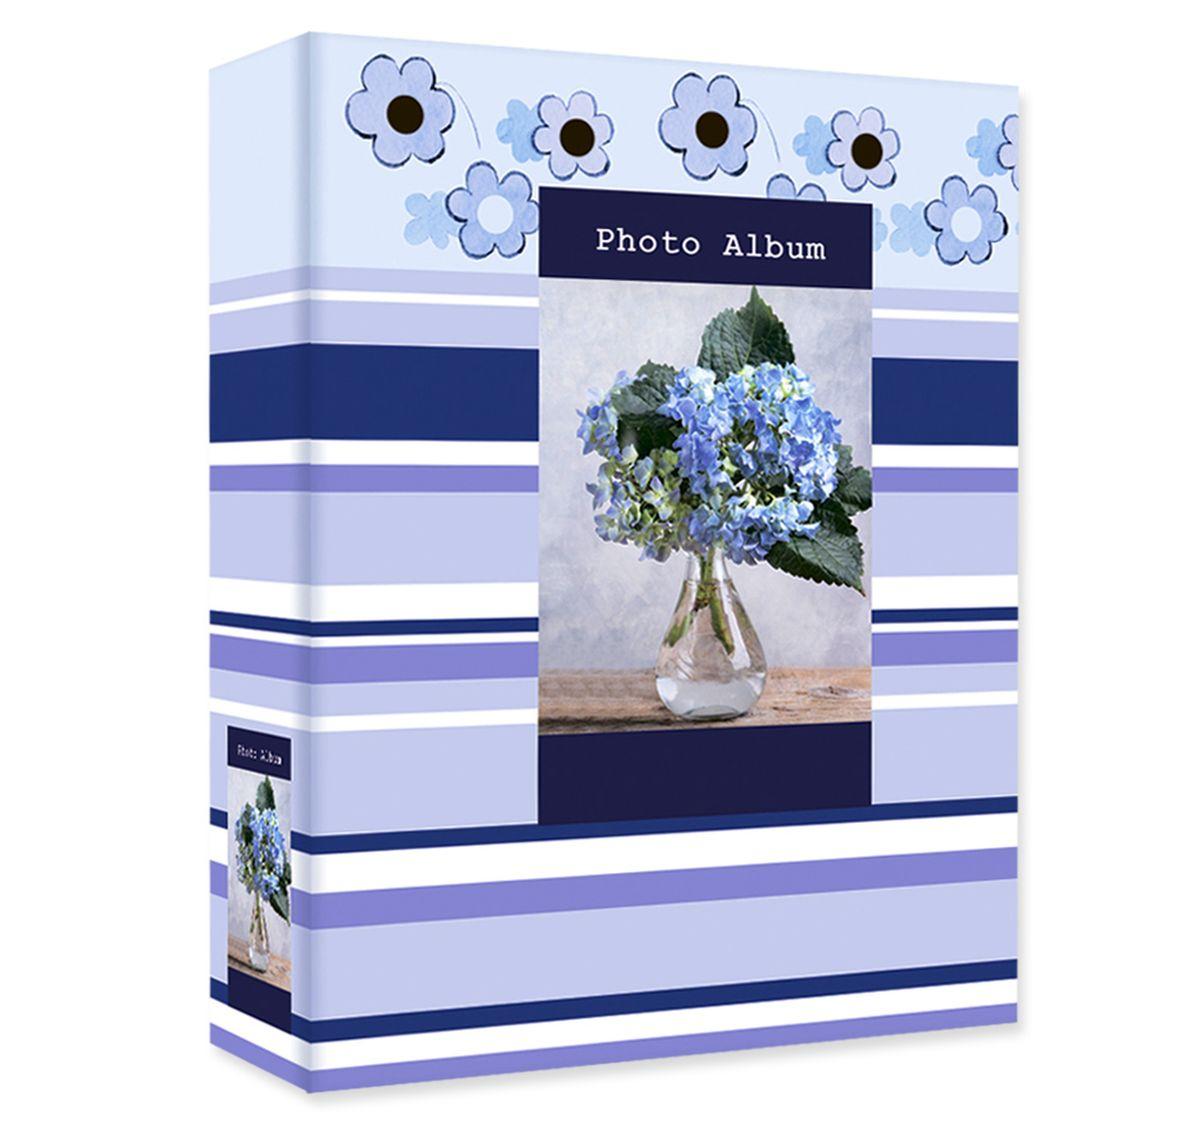 Фотоальбом Pioneer Early Spring, 100 фотографий, 10 х 15 см, цвет: голубойТР 5062Фотоальбом Pioneer Early Spring позволит вам запечатлеть незабываемые моменты вашей жизни, сохранить свои истории и воспоминания на его страницах. Обложка из толстого картона оформлена оригинальным принтом. Фотоальбом рассчитан на 100 фотографии форматом 10 x 15 см.Материалы, использованные в изготовлении альбома, обеспечивают высокое качество хранения ваших фотографий, поэтому фотографии не желтеют со временем.